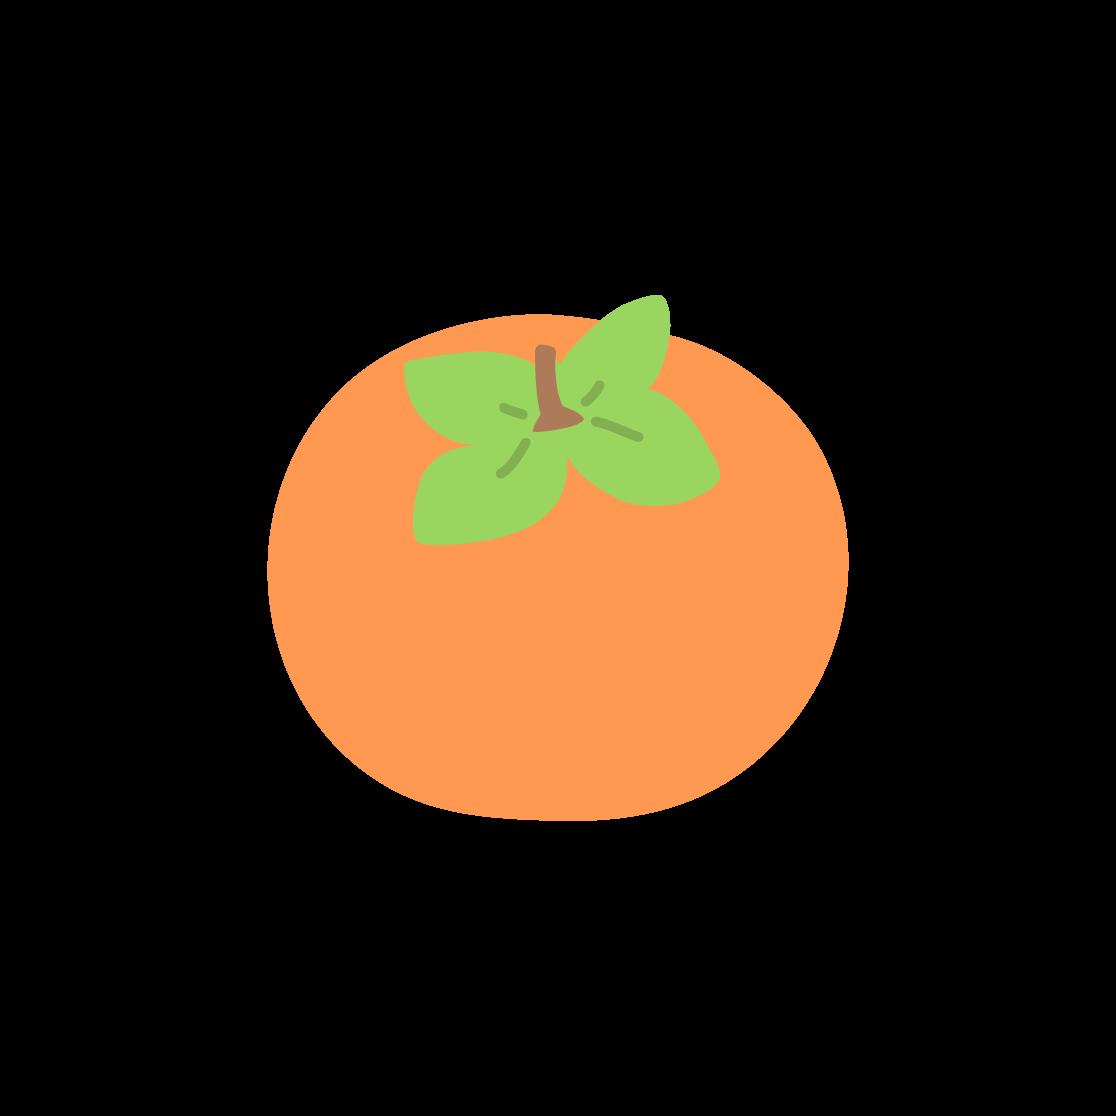 柿の塗りイラスト